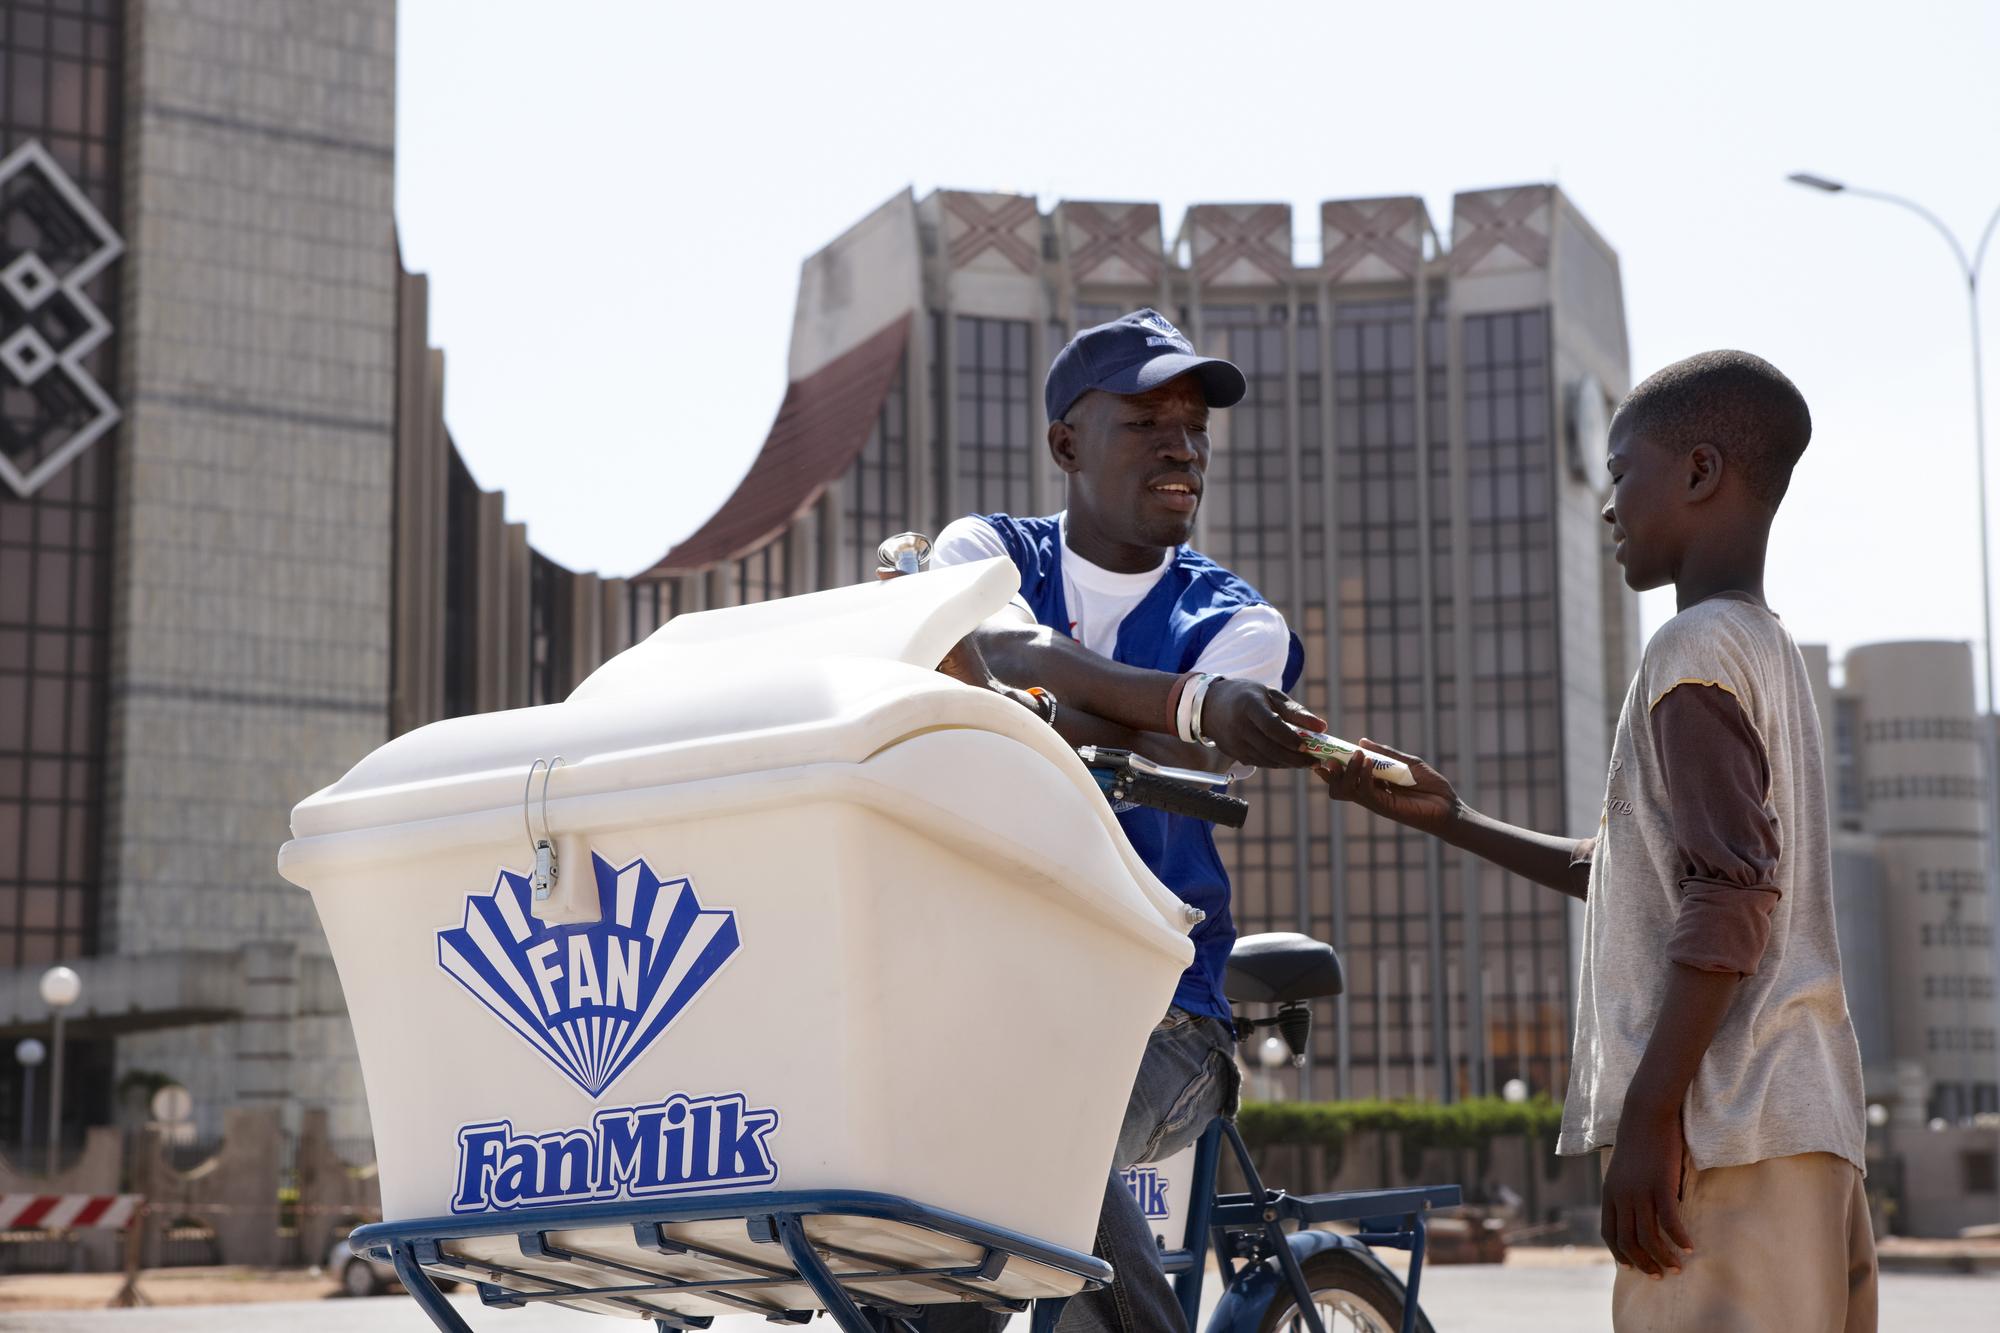 fan milk nigeria